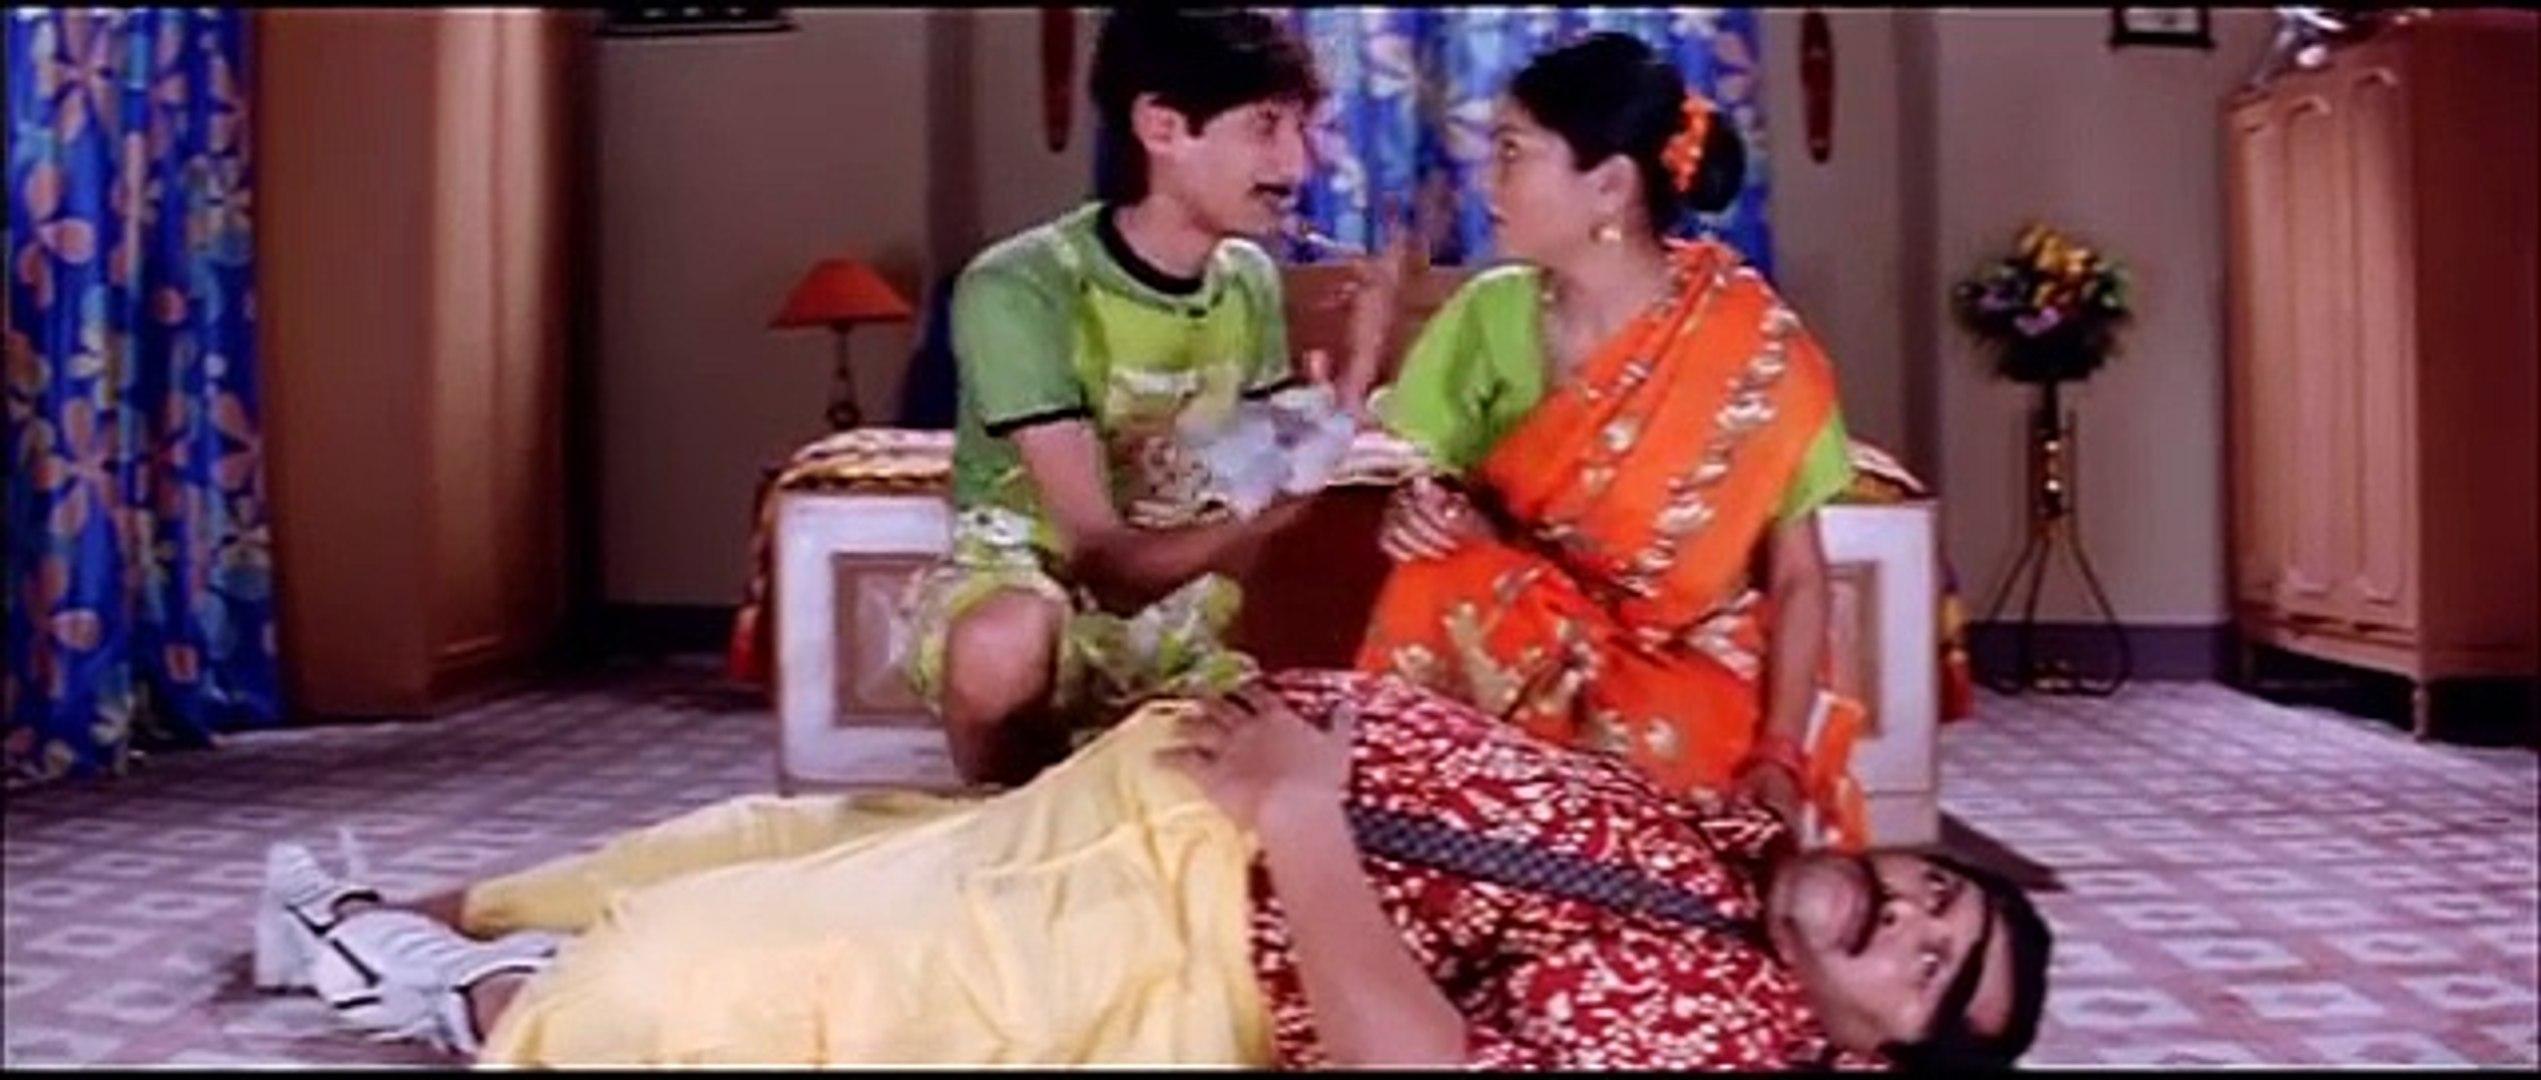 Partner Full Movie - New Bangla Movie 2015 Full Movie - HD Bengali Movies(P2)